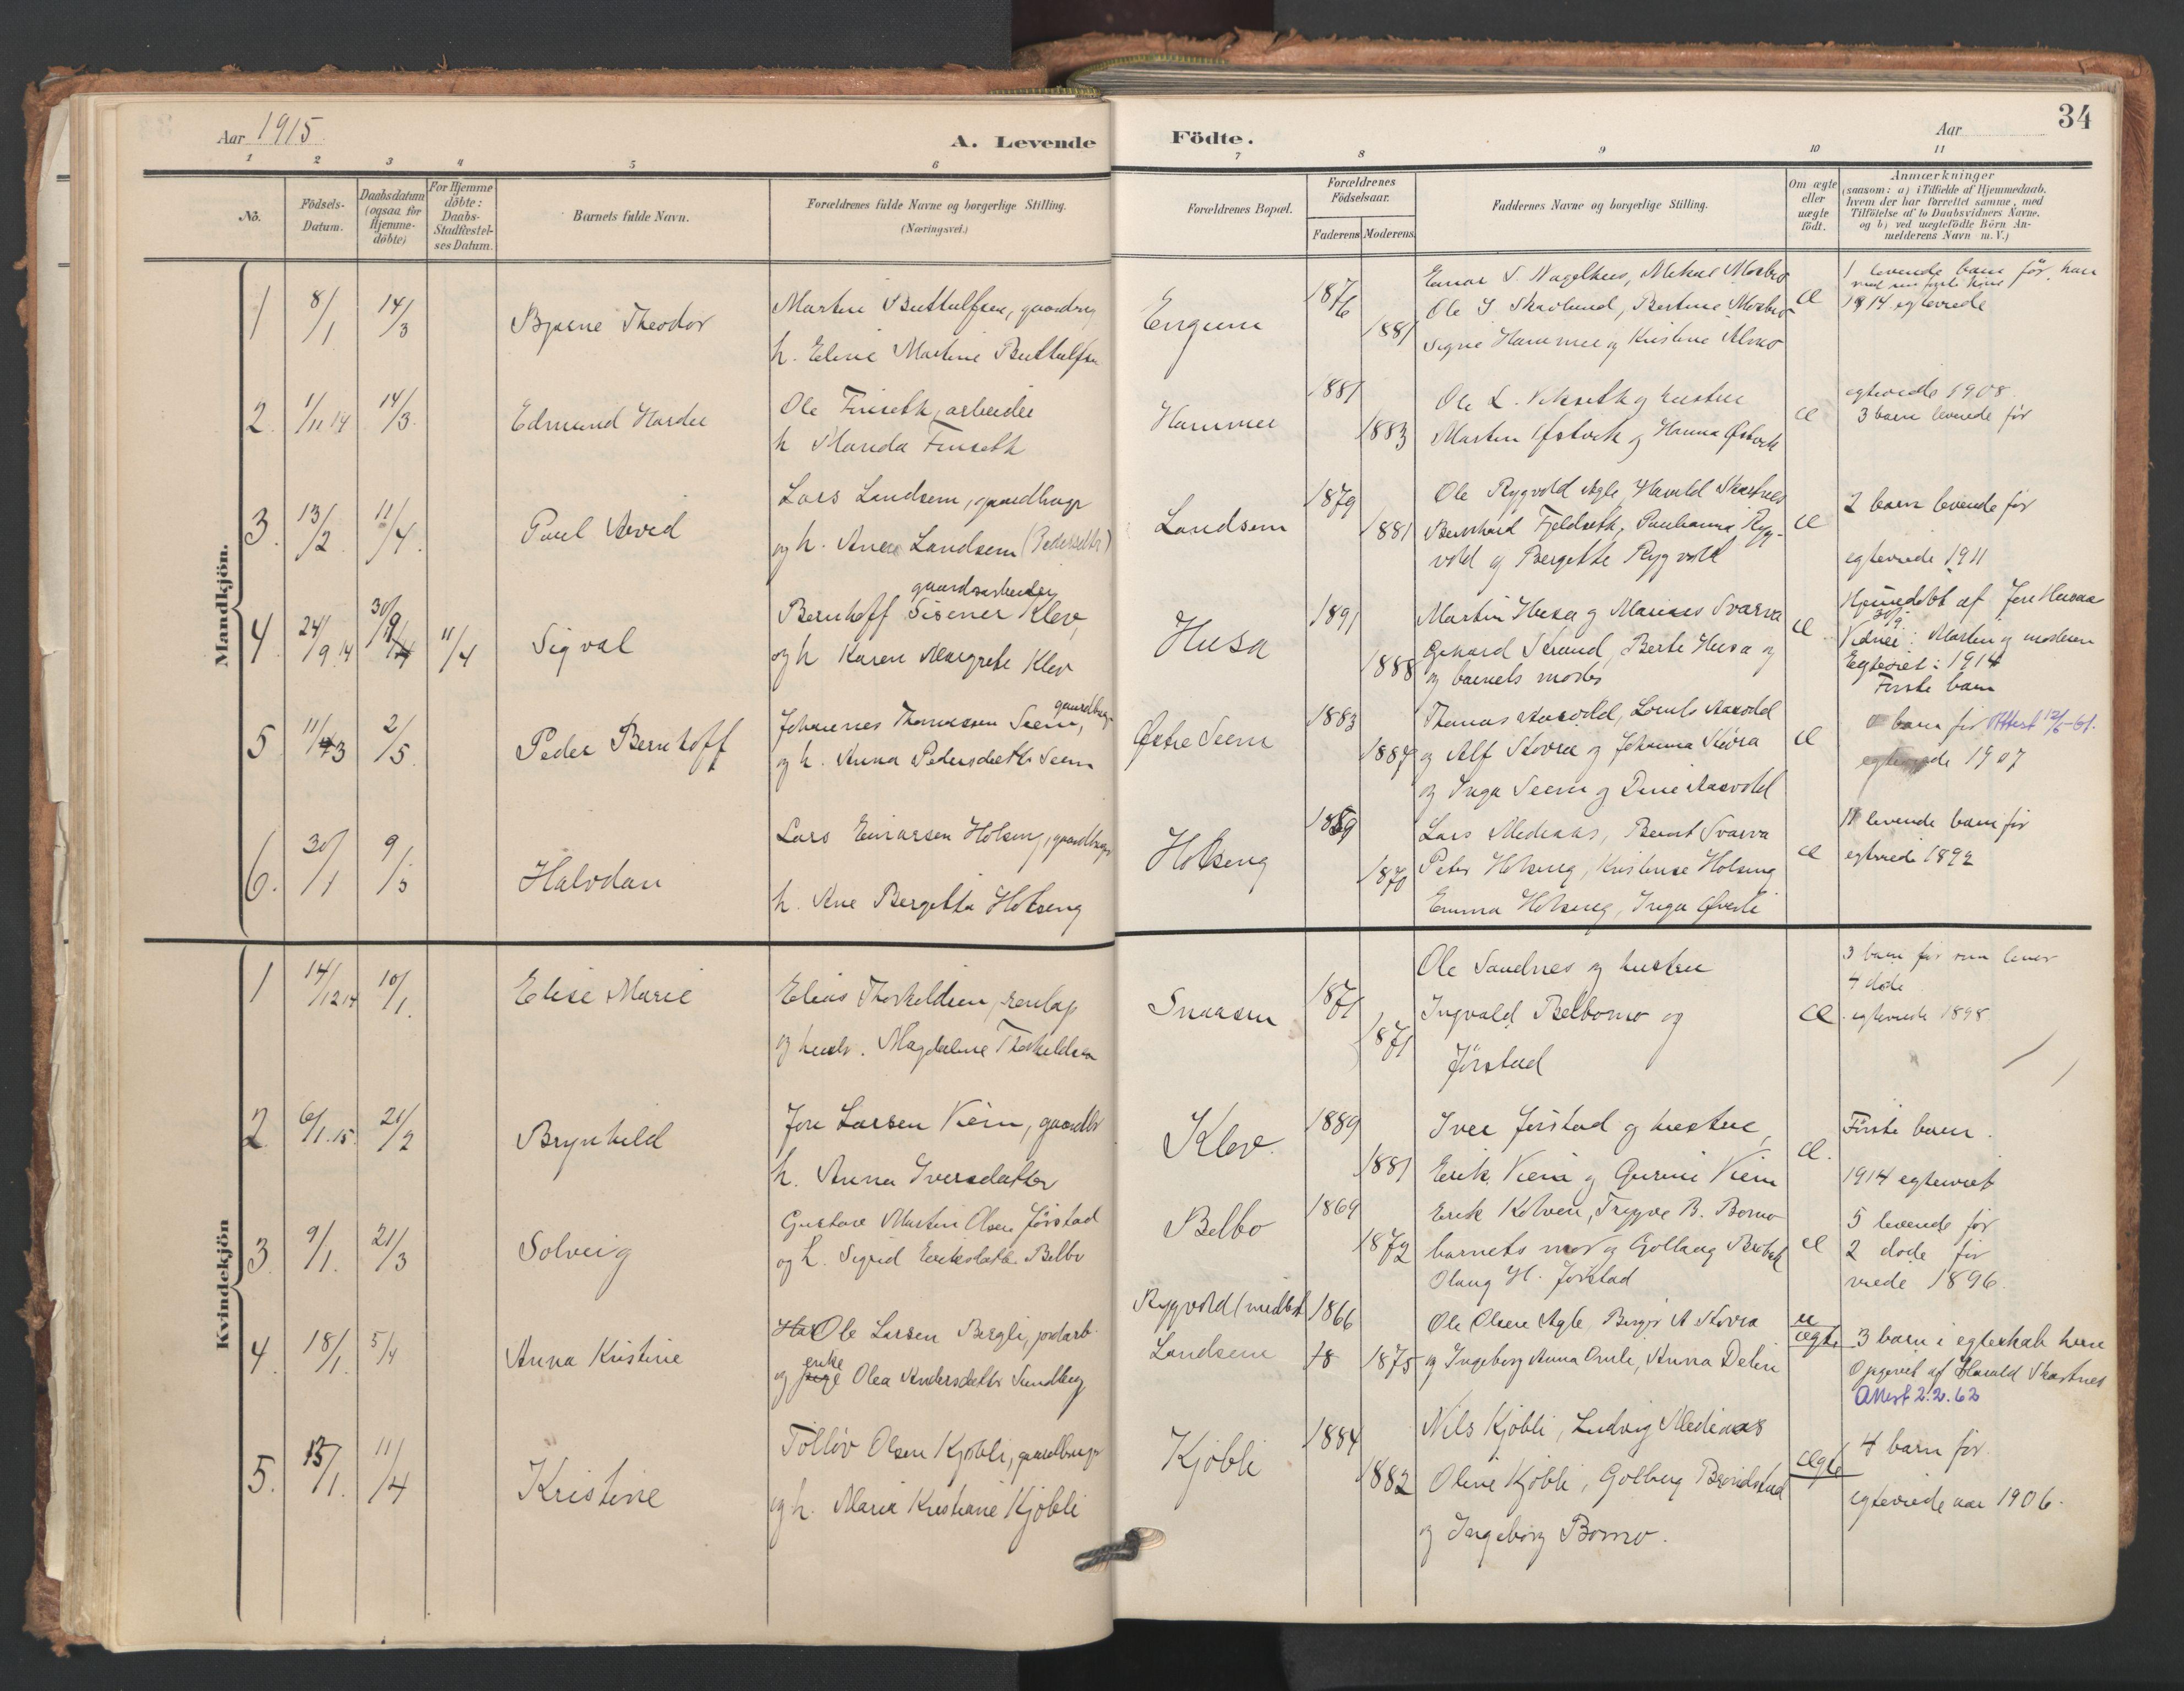 SAT, Ministerialprotokoller, klokkerbøker og fødselsregistre - Nord-Trøndelag, 749/L0477: Ministerialbok nr. 749A11, 1902-1927, s. 34